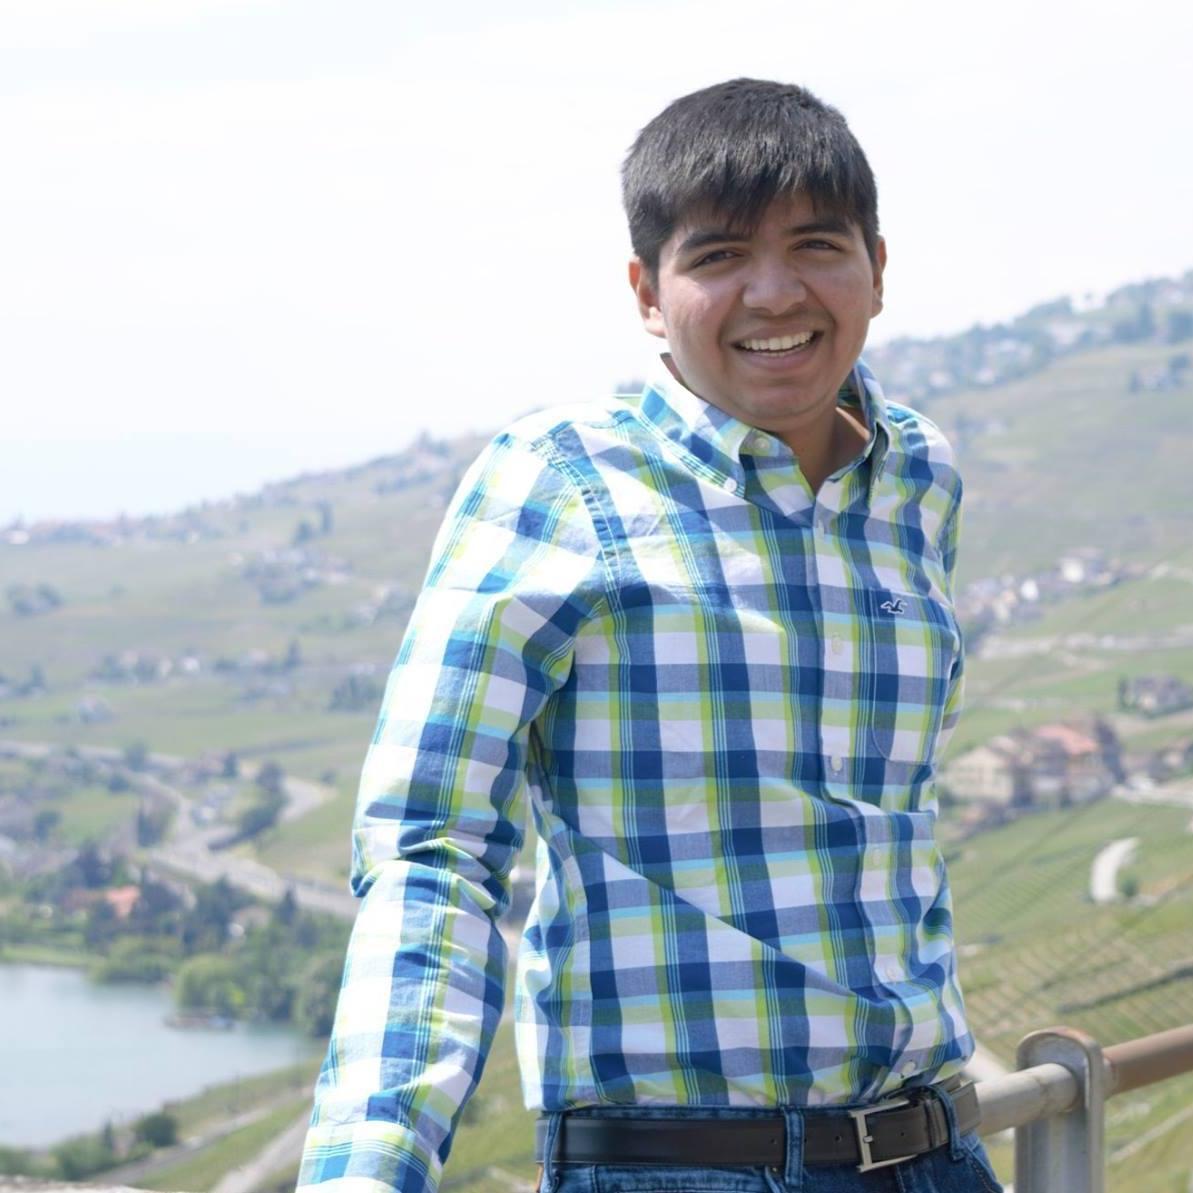 Shrey Shah